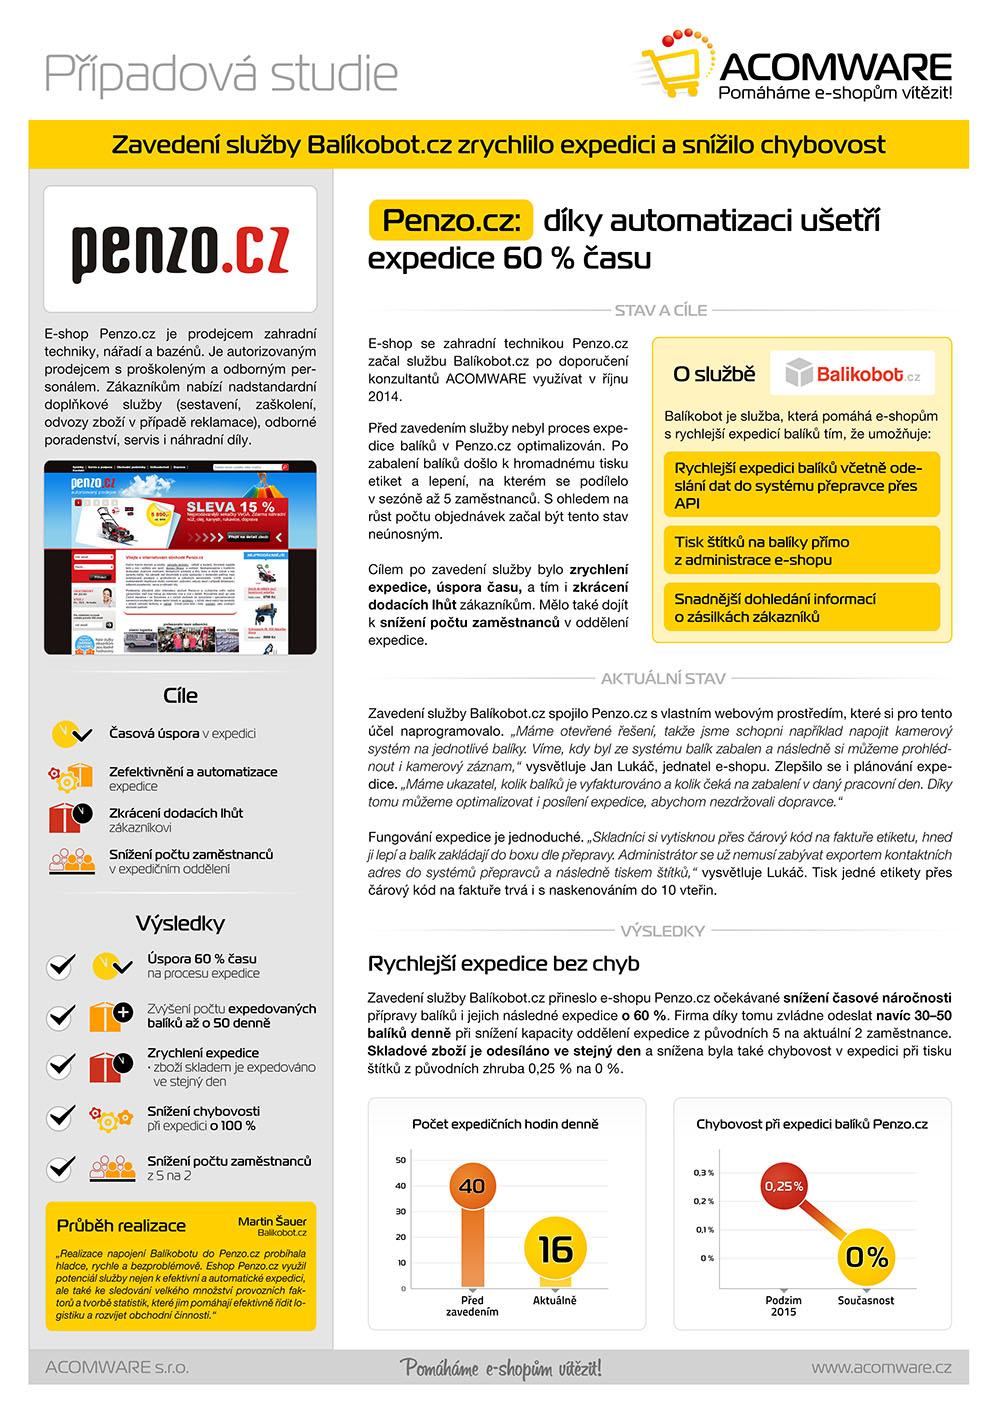 Případová studie - Case-Penzo-2015